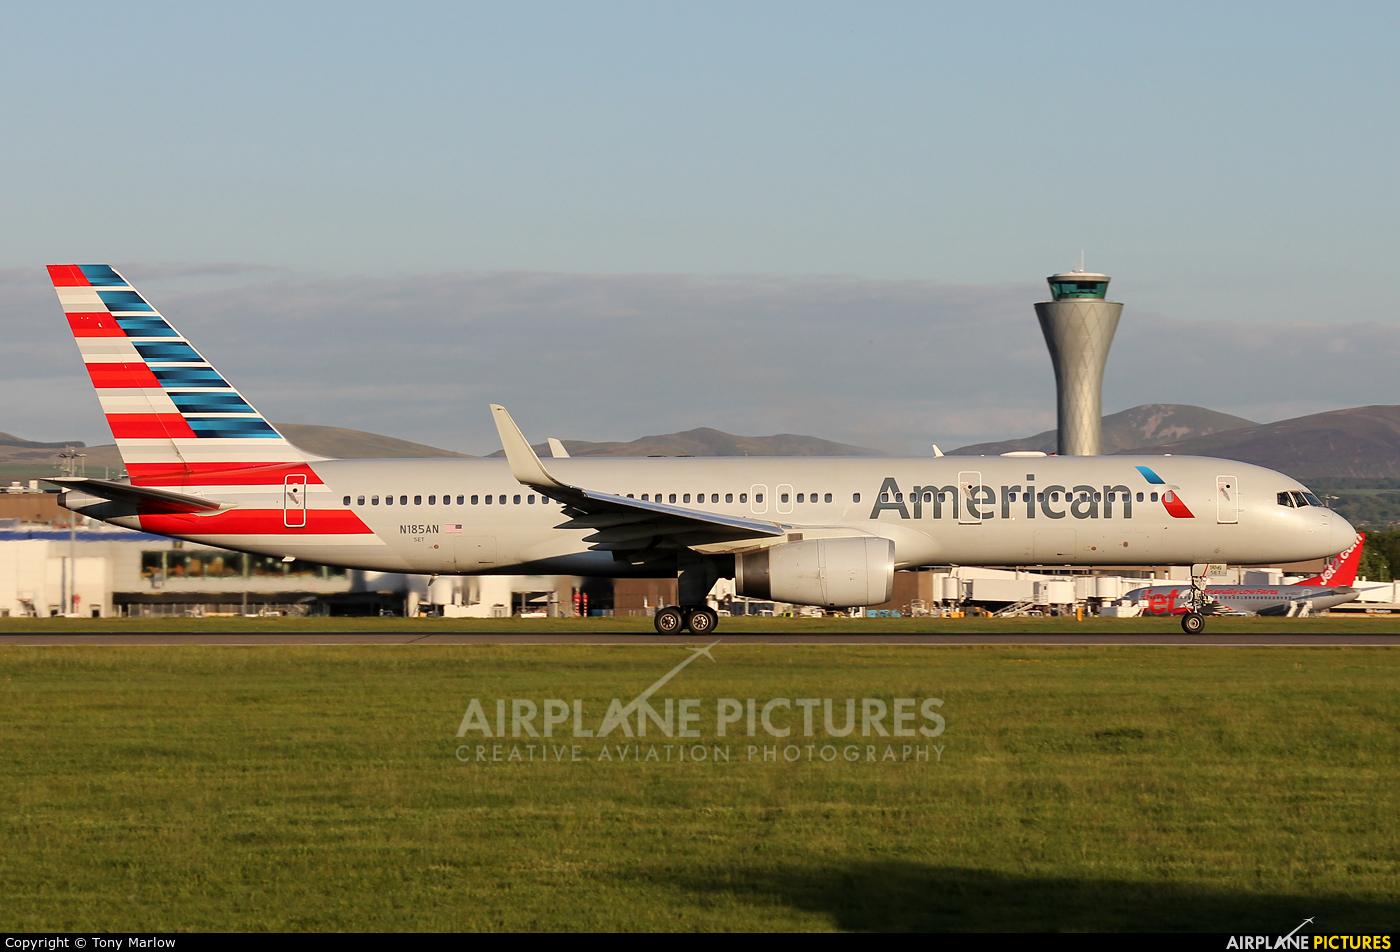 American Airlines N185AN aircraft at Edinburgh